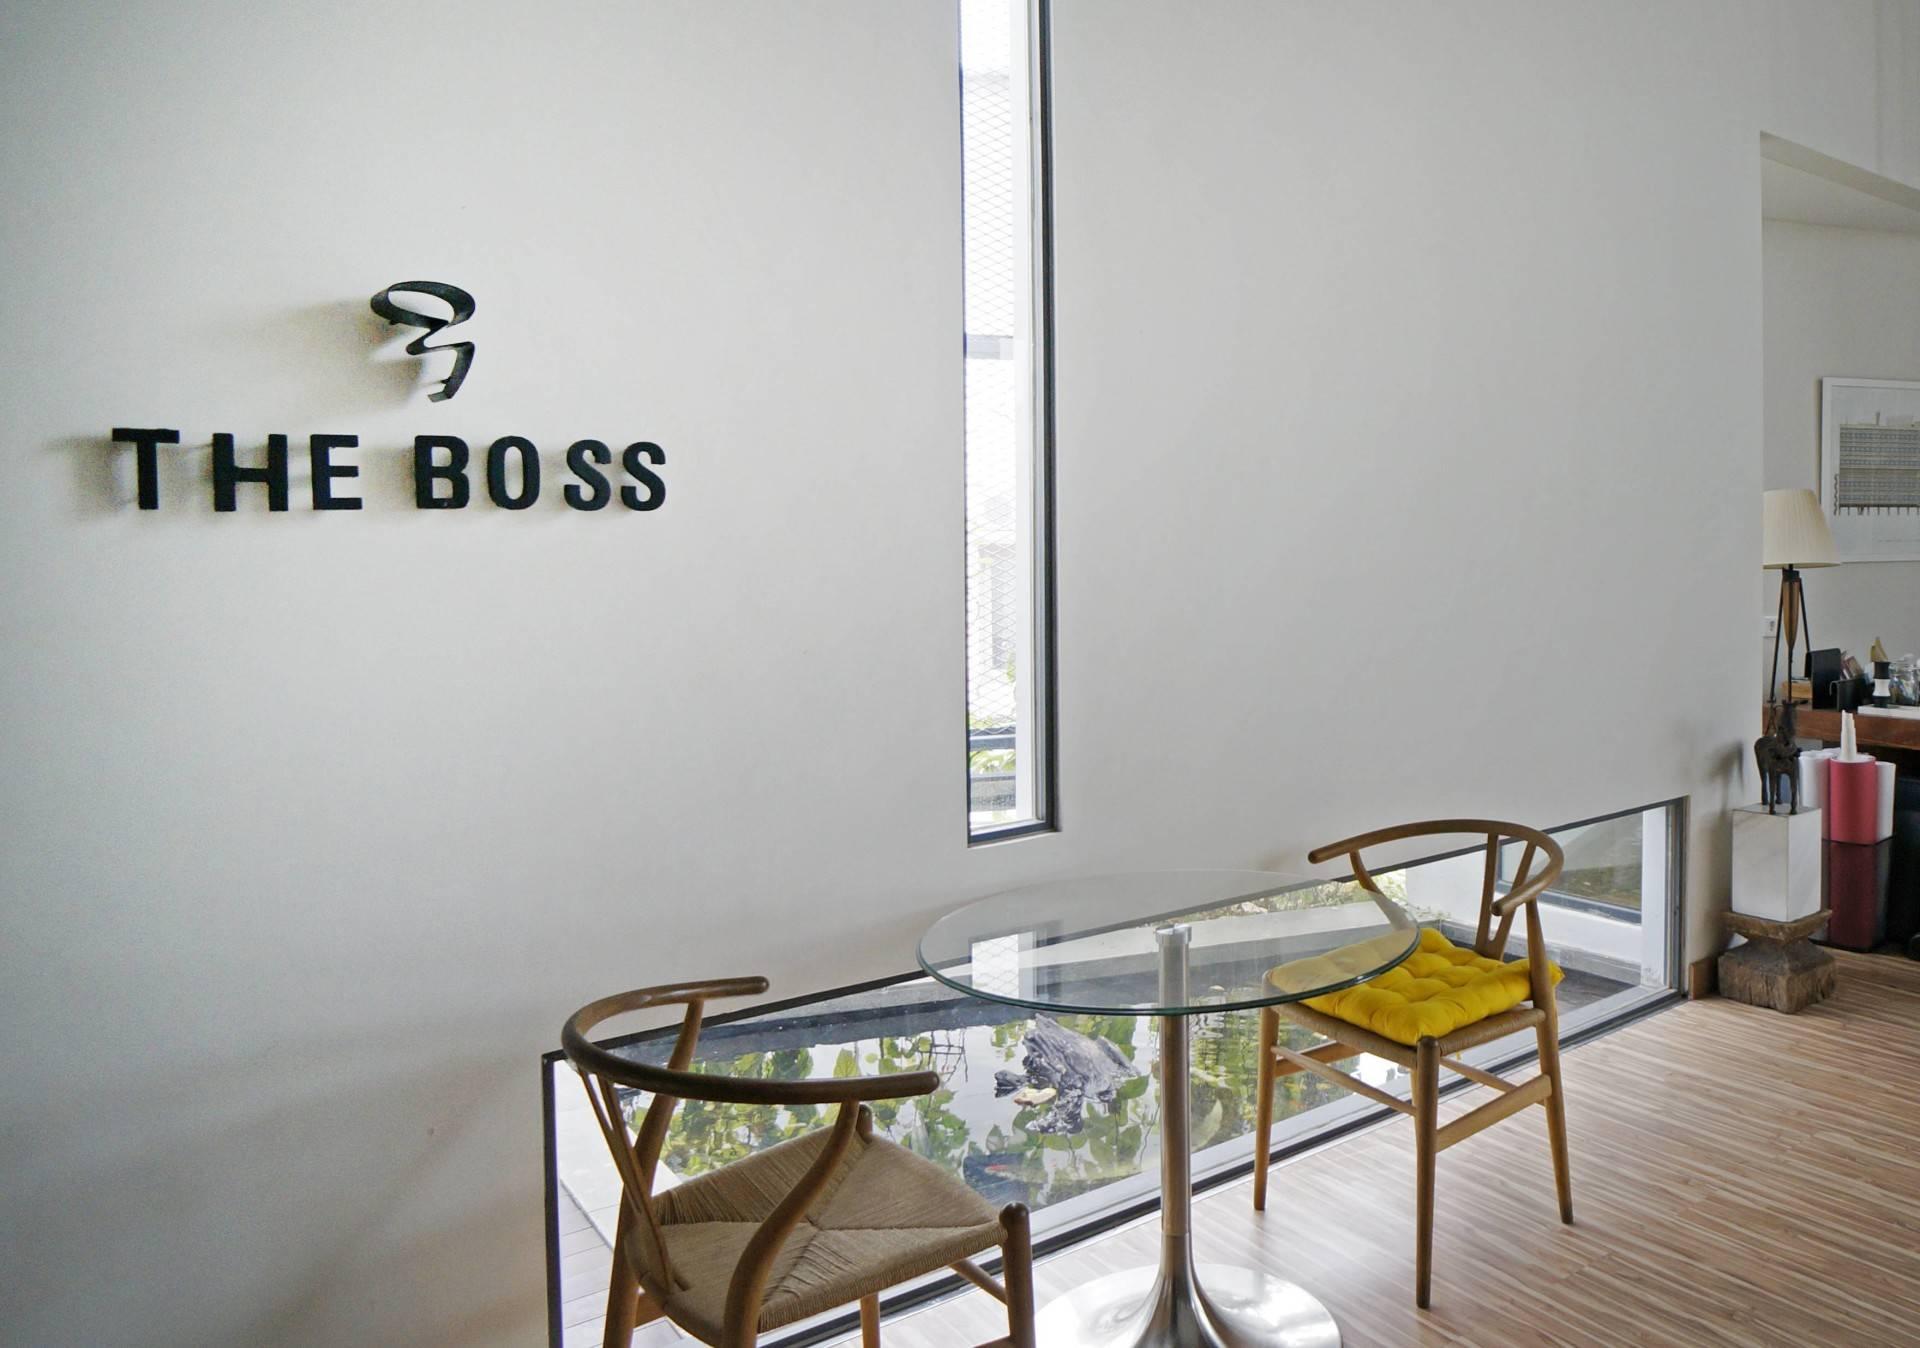 Boss yang berwibawa, keren, dan bersahabat (Sumber: arsitag.com)